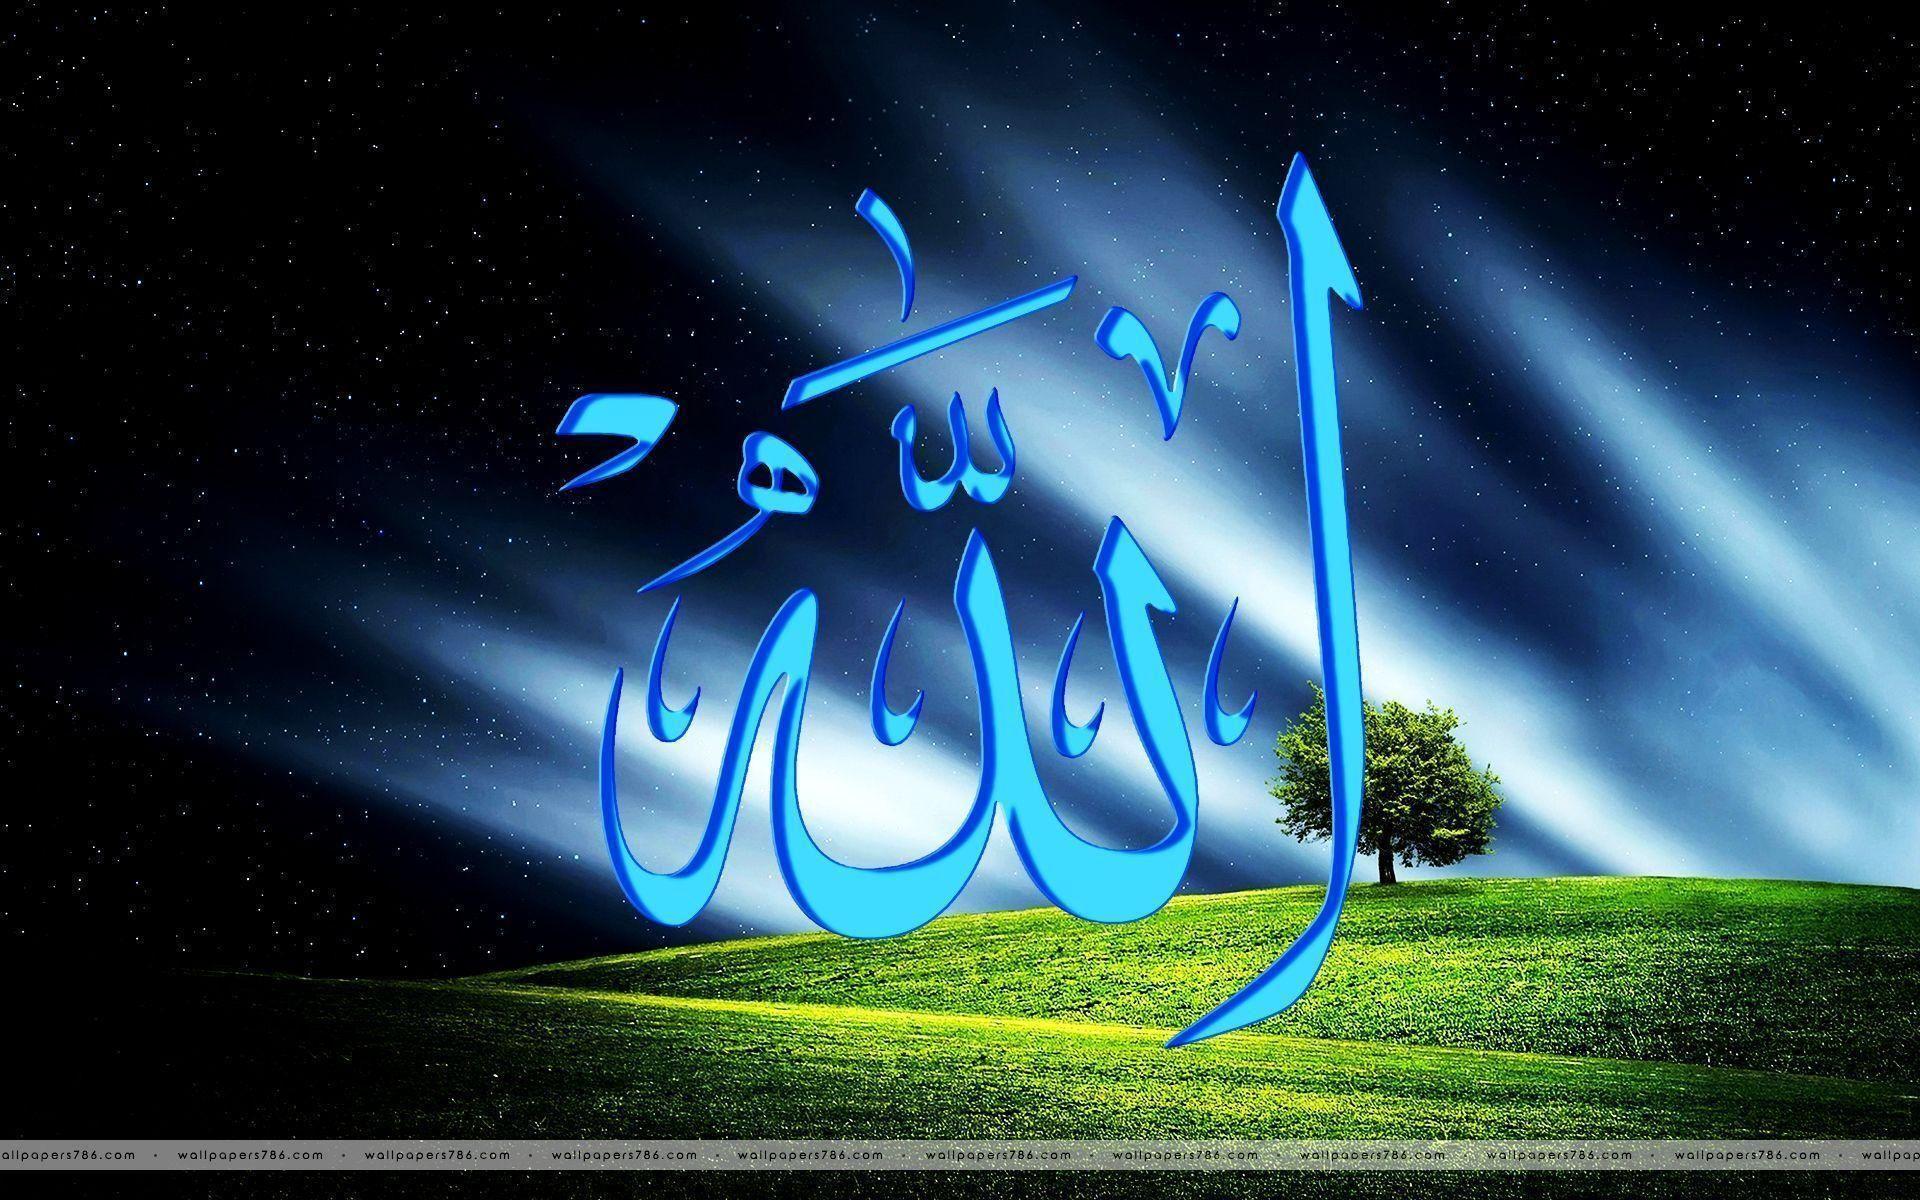 Allah Name Wallpapers Wallpaper Cave Allah Wallpaper Name Wallpaper Islamic Wallpaper Hd